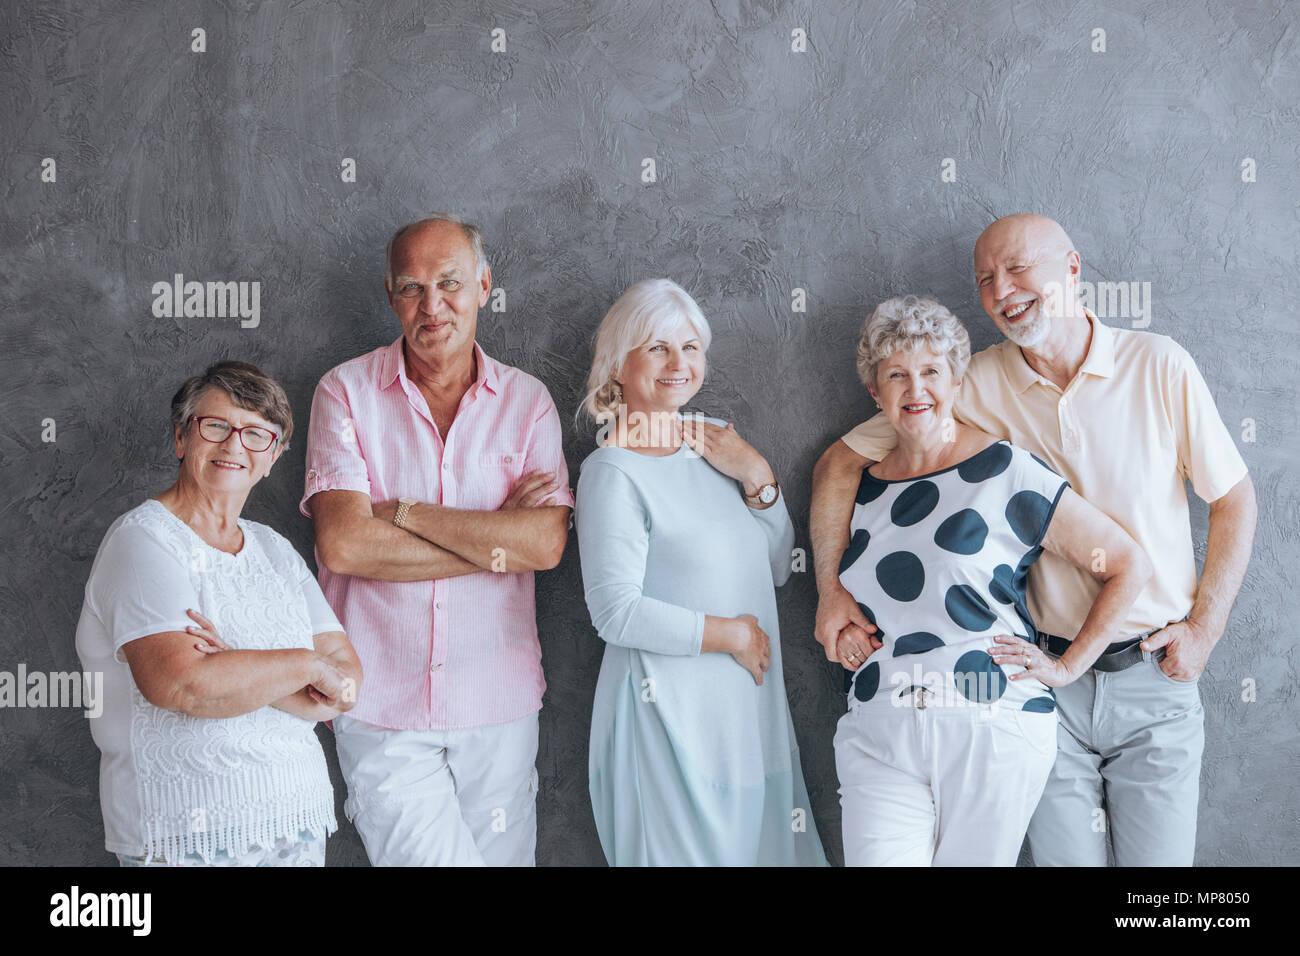 Felici le persone anziane in abiti casual contro il muro di cemento. Seniors concetto amicizia Immagini Stock